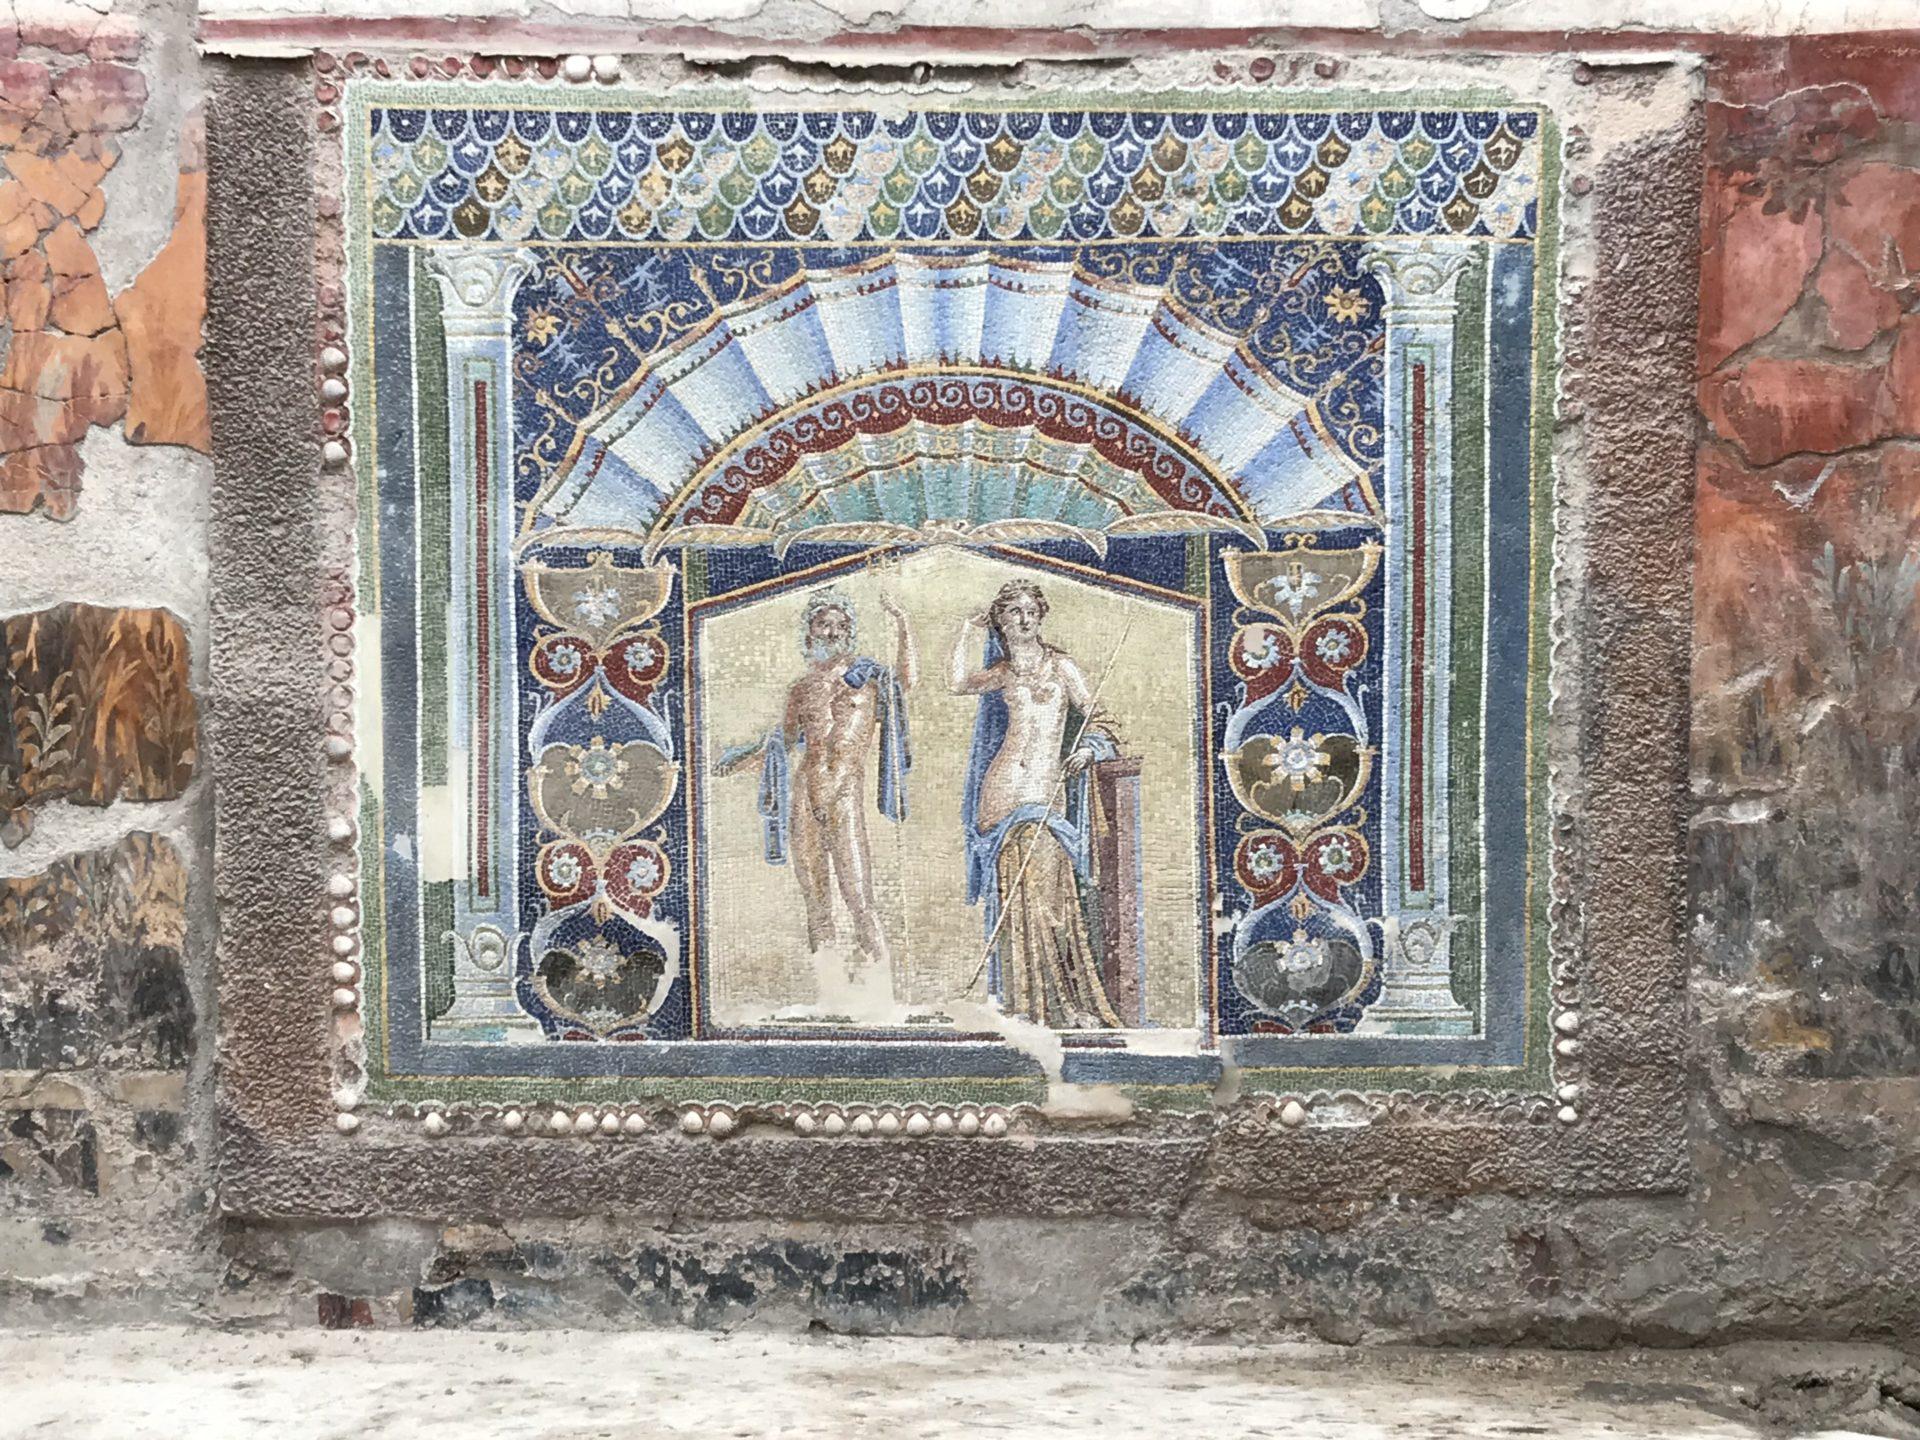 Ercolano, Mosaik in der casa del Nettuno